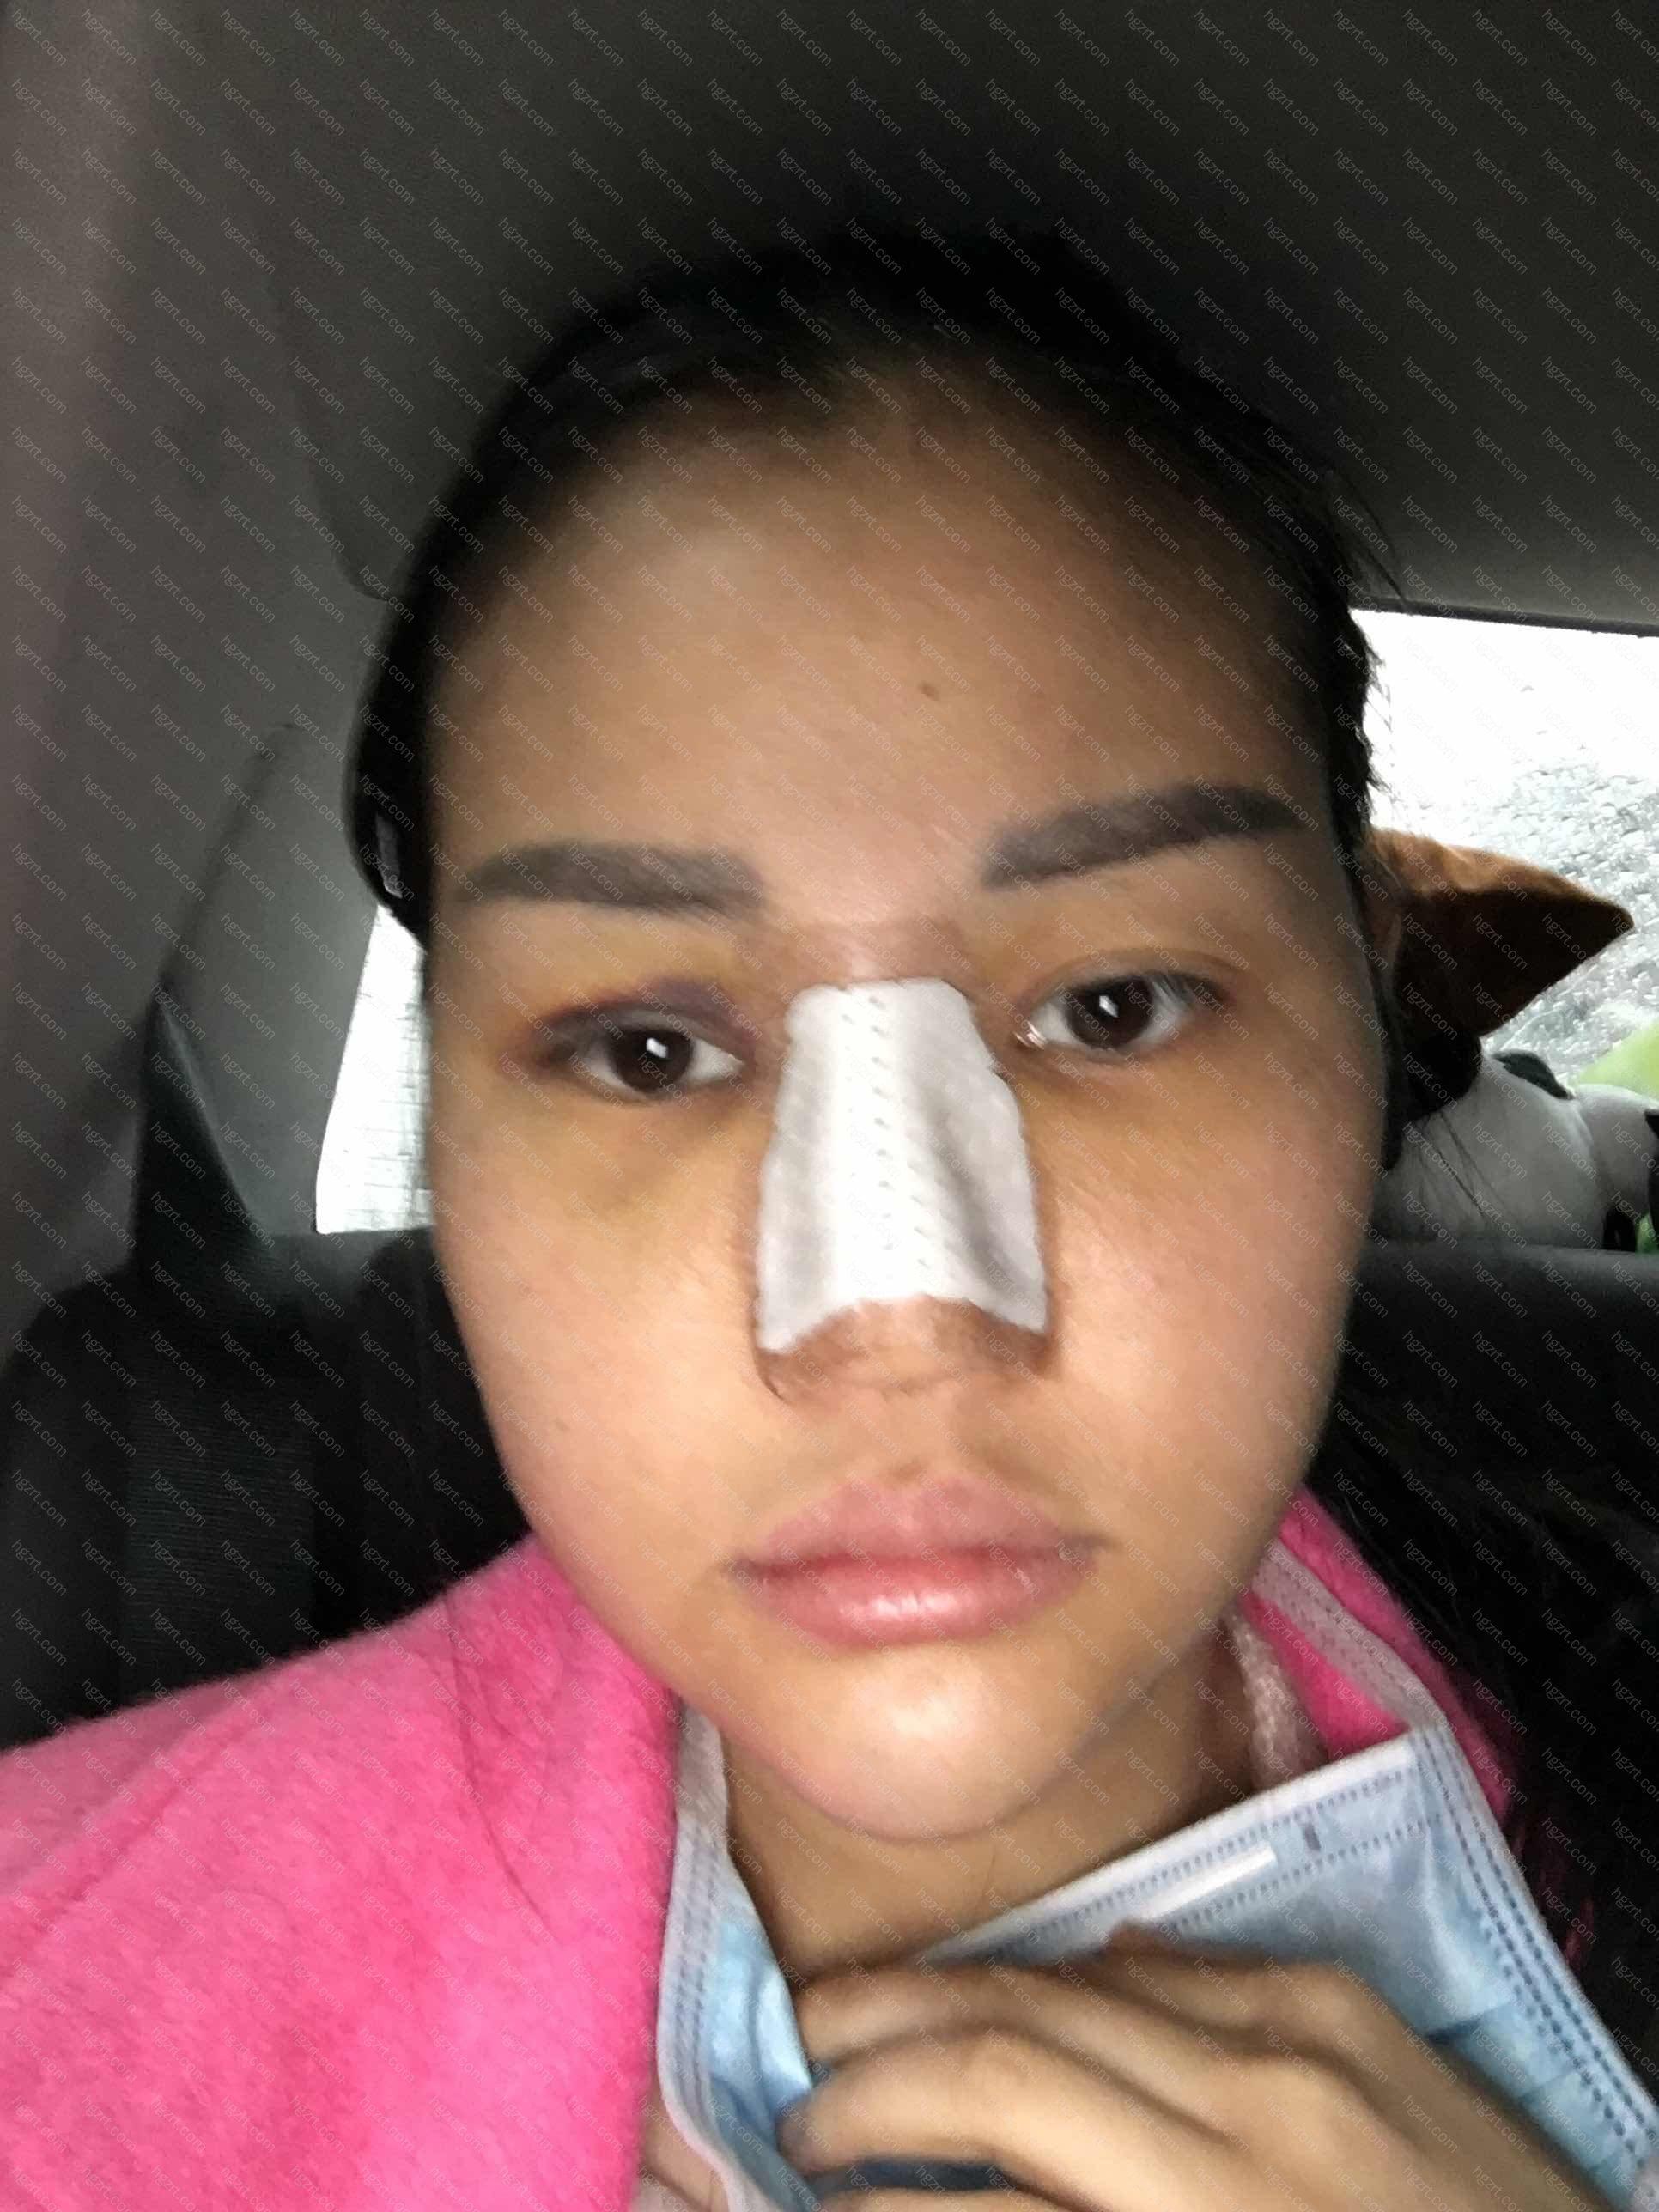 10、垫下巴术后数周内不要参加一些可使面部受到震动或打击的运动